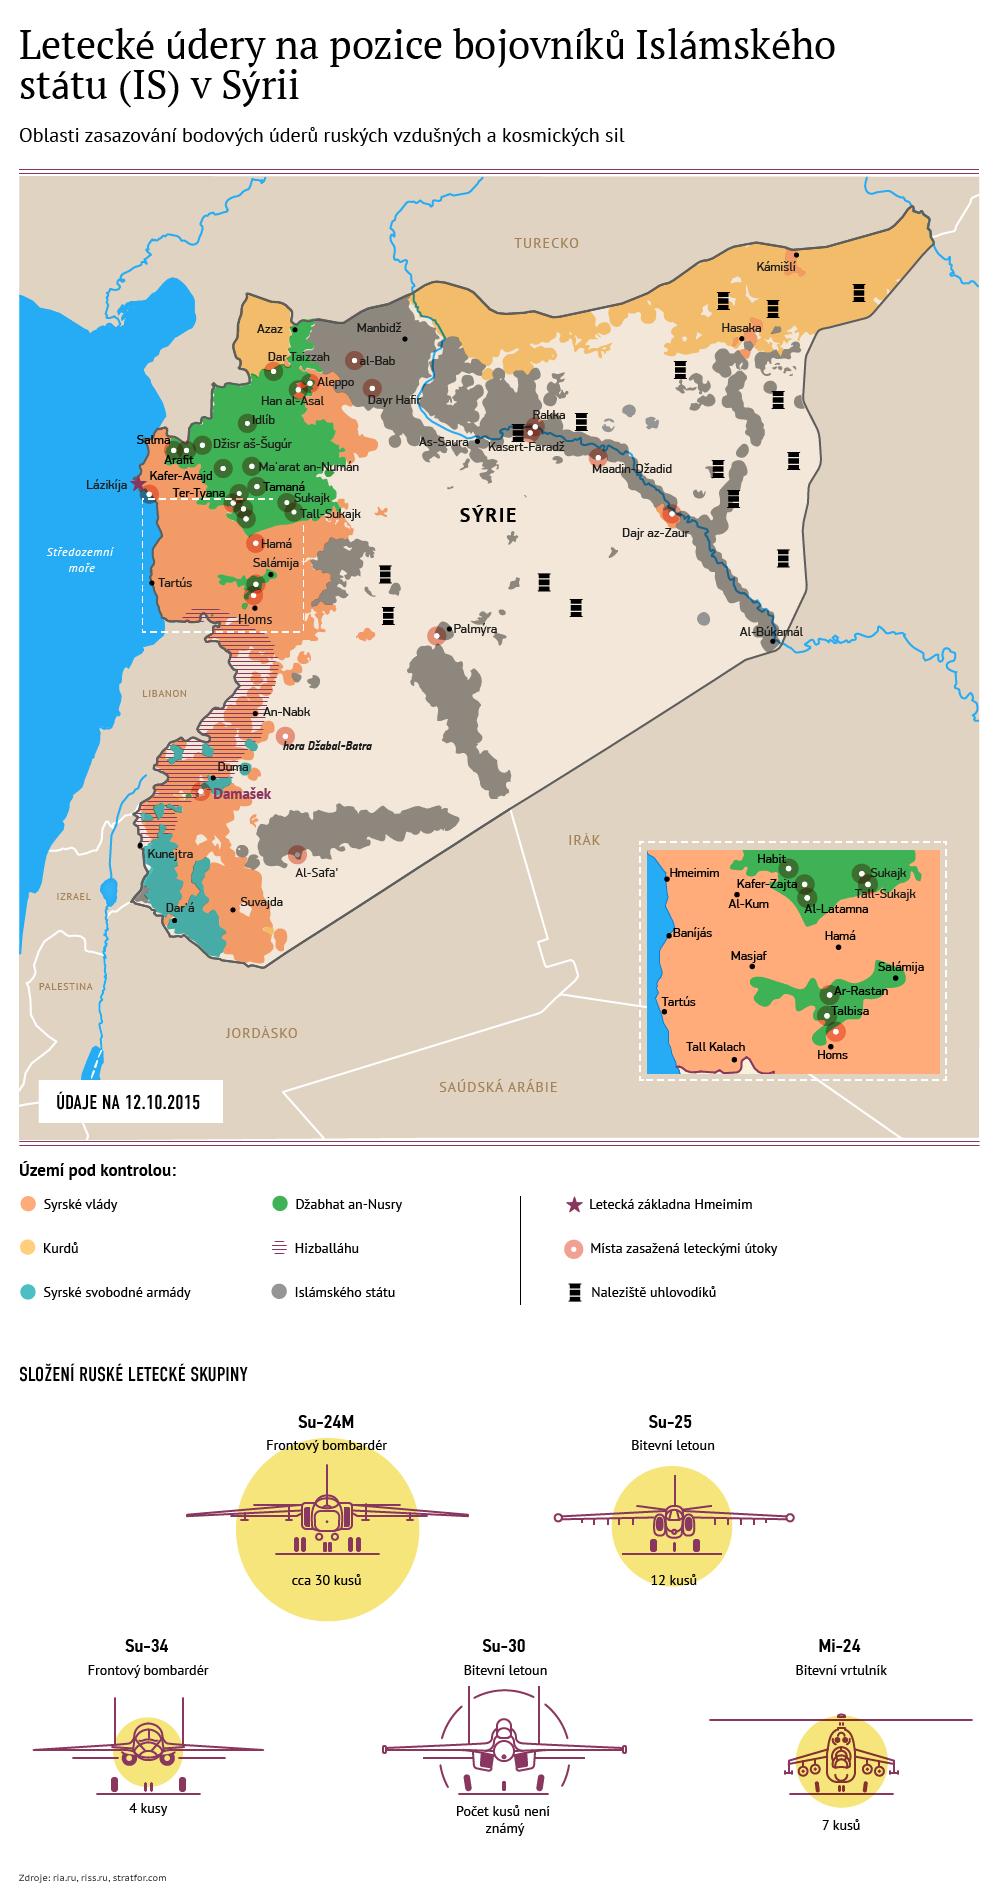 Letecké údery na pozice IS v Sýrii